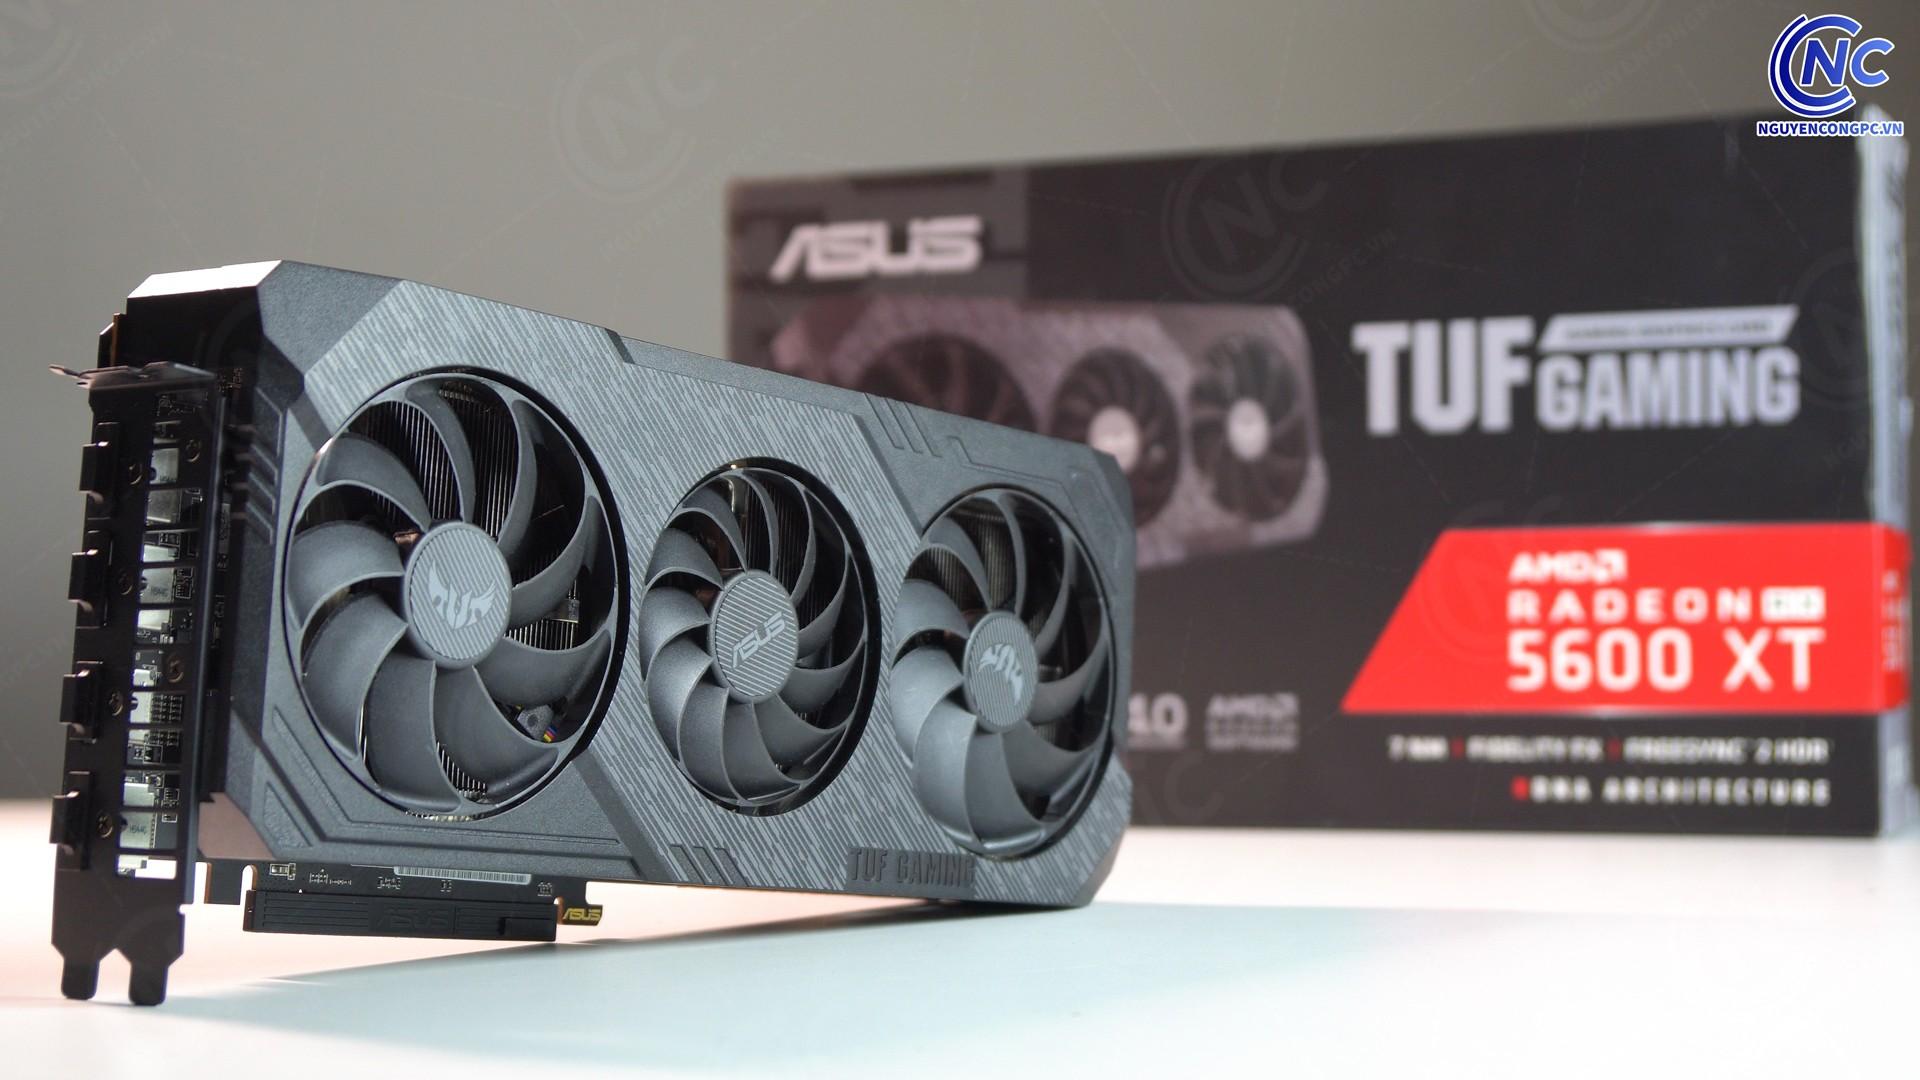 VGA ASUS Radeon RX 5600 XT TUF3 O6G EVO GAMING